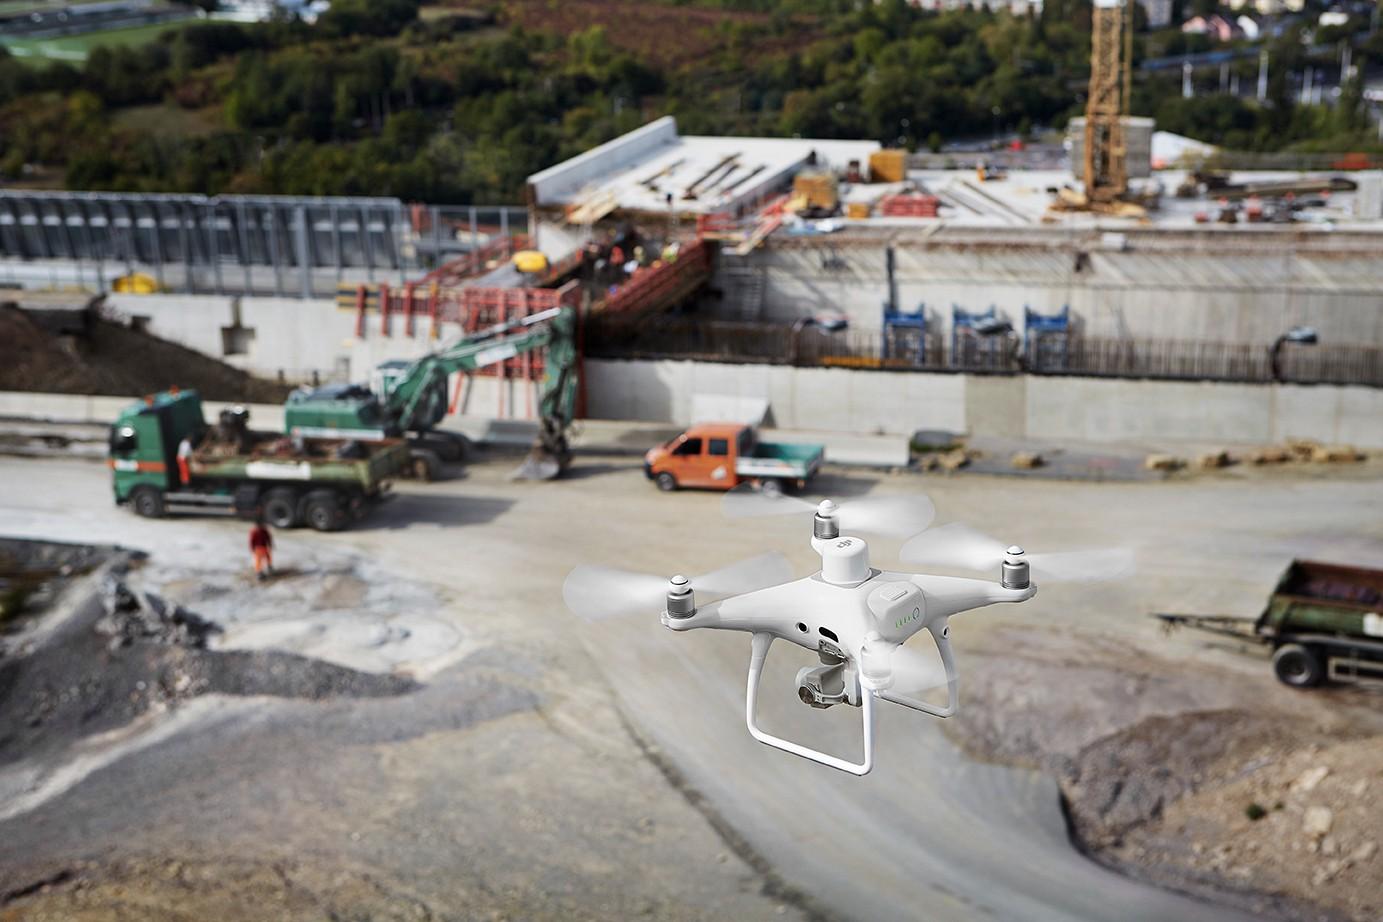 DJI Phantom 4 RTK, hava haritalamanın geleceğine DJI tarafından yapılan önemli bir yatırıma işaret ediyor